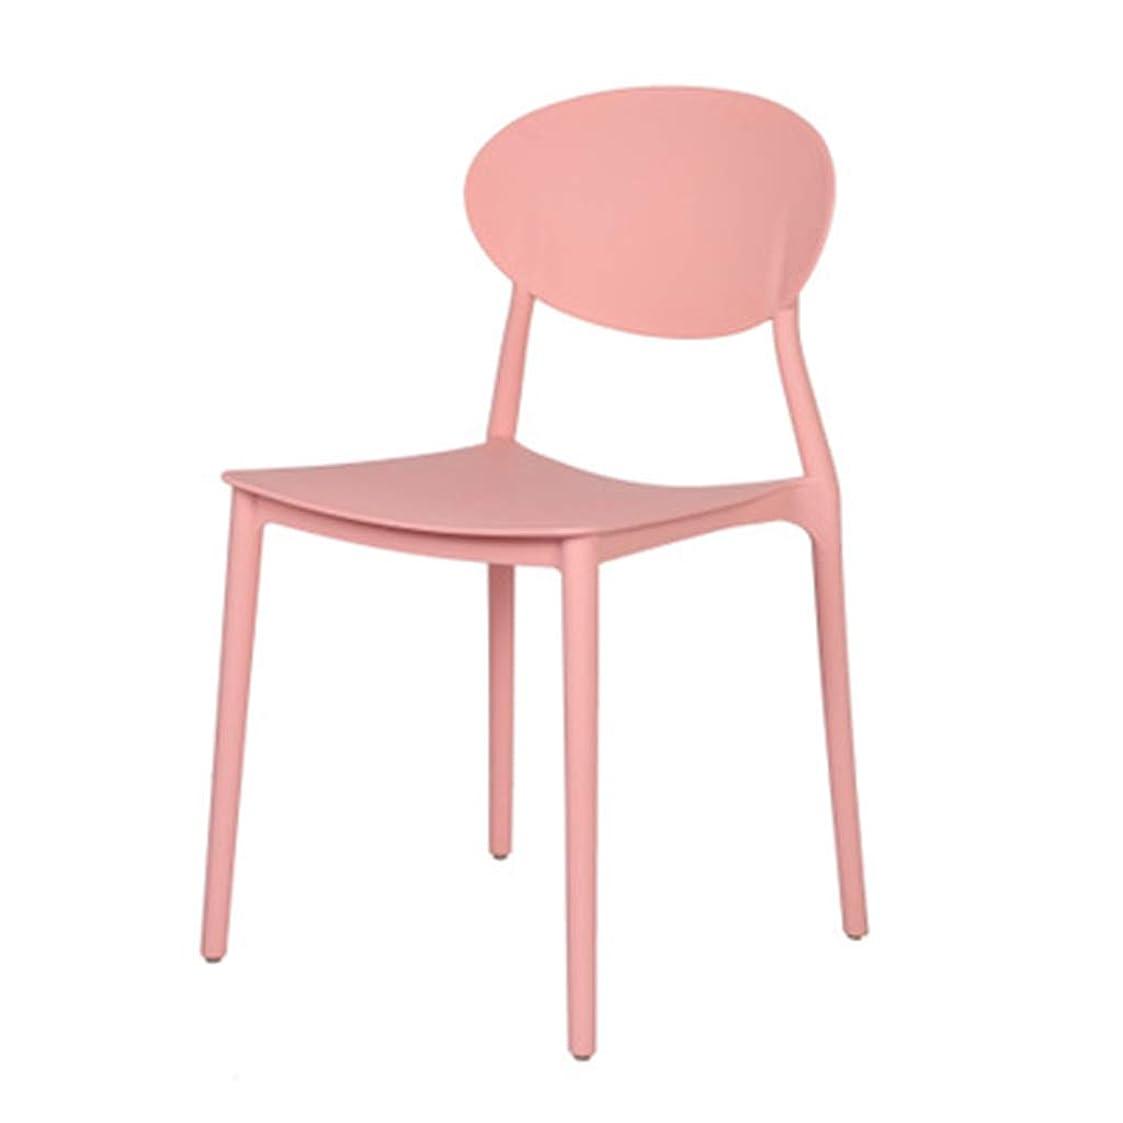 クロスすりセレナXINGPING-Furniture 赤い北欧の椅子ピンクの女の子の心地よい創造的なレストランの椅子の家Stackable Plastic Back Chair (色 : ピンク)